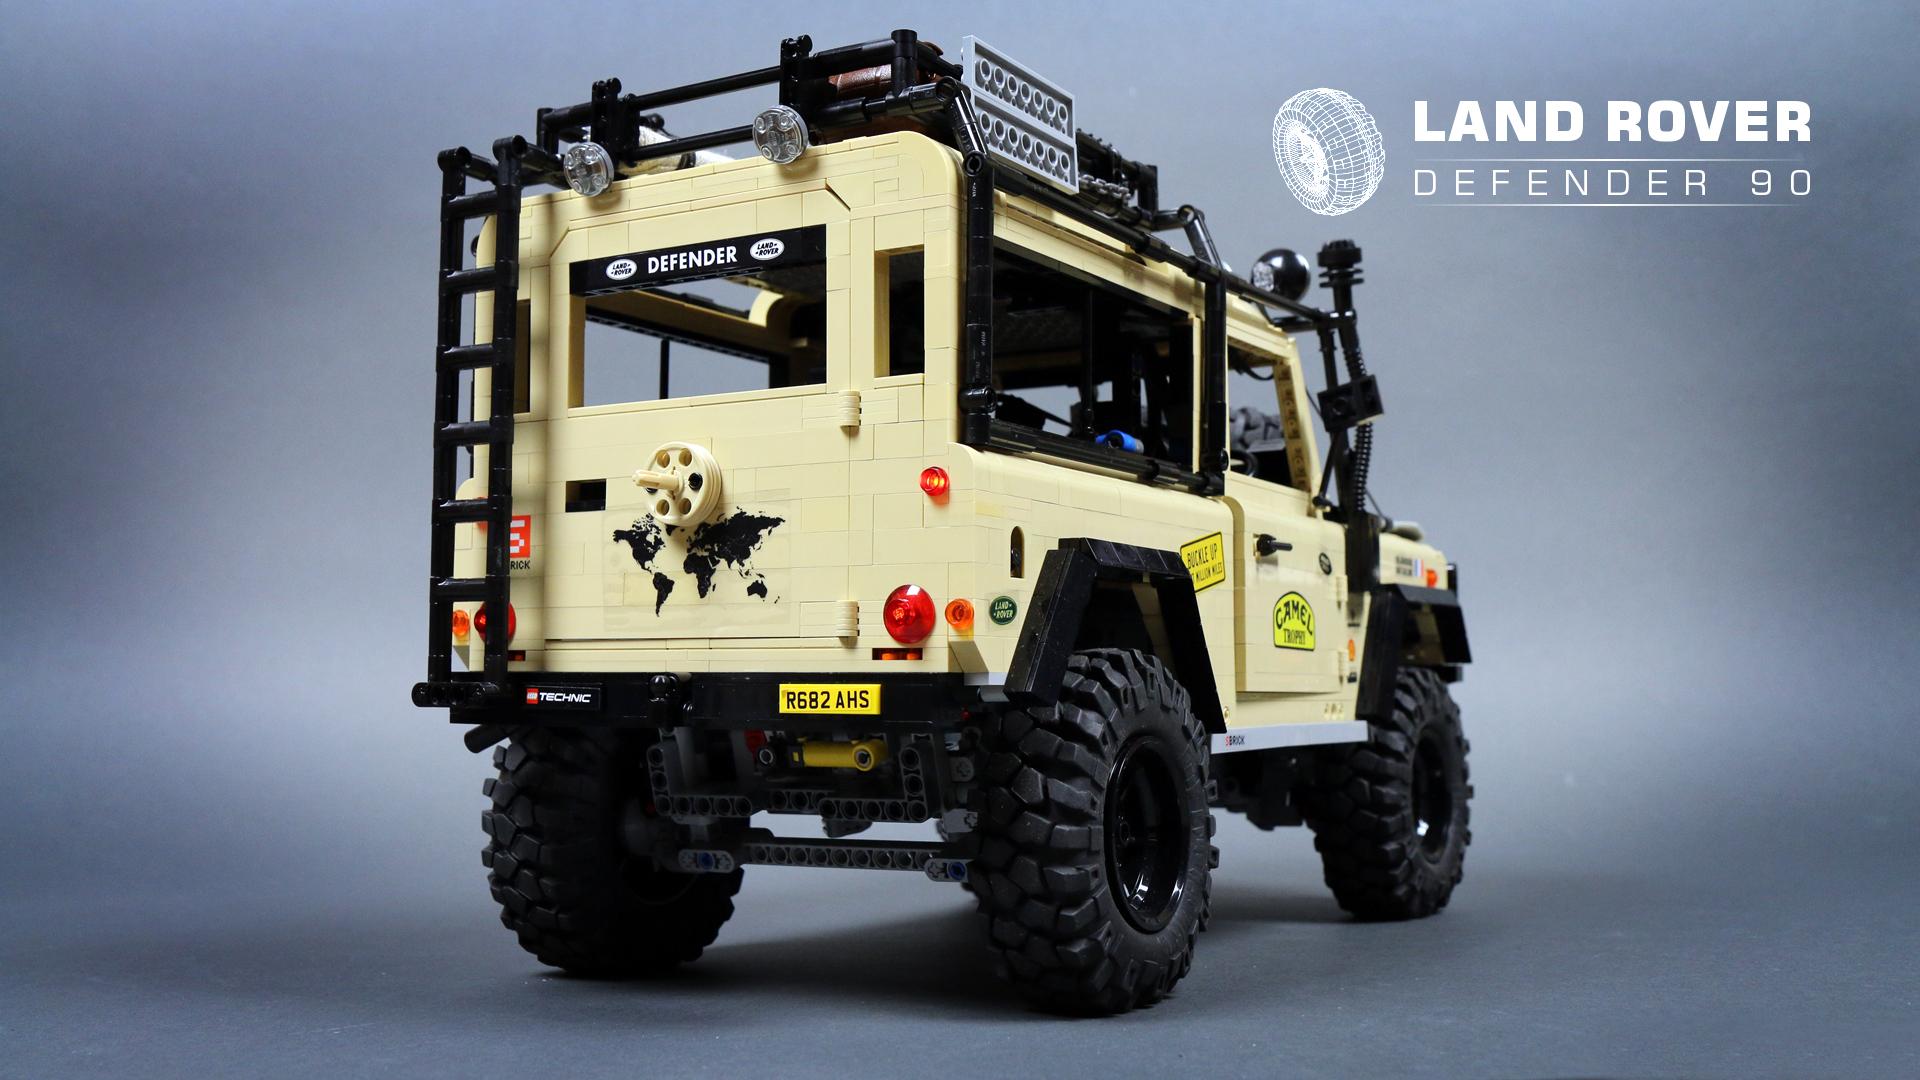 Sariel Land Rover Defender 90